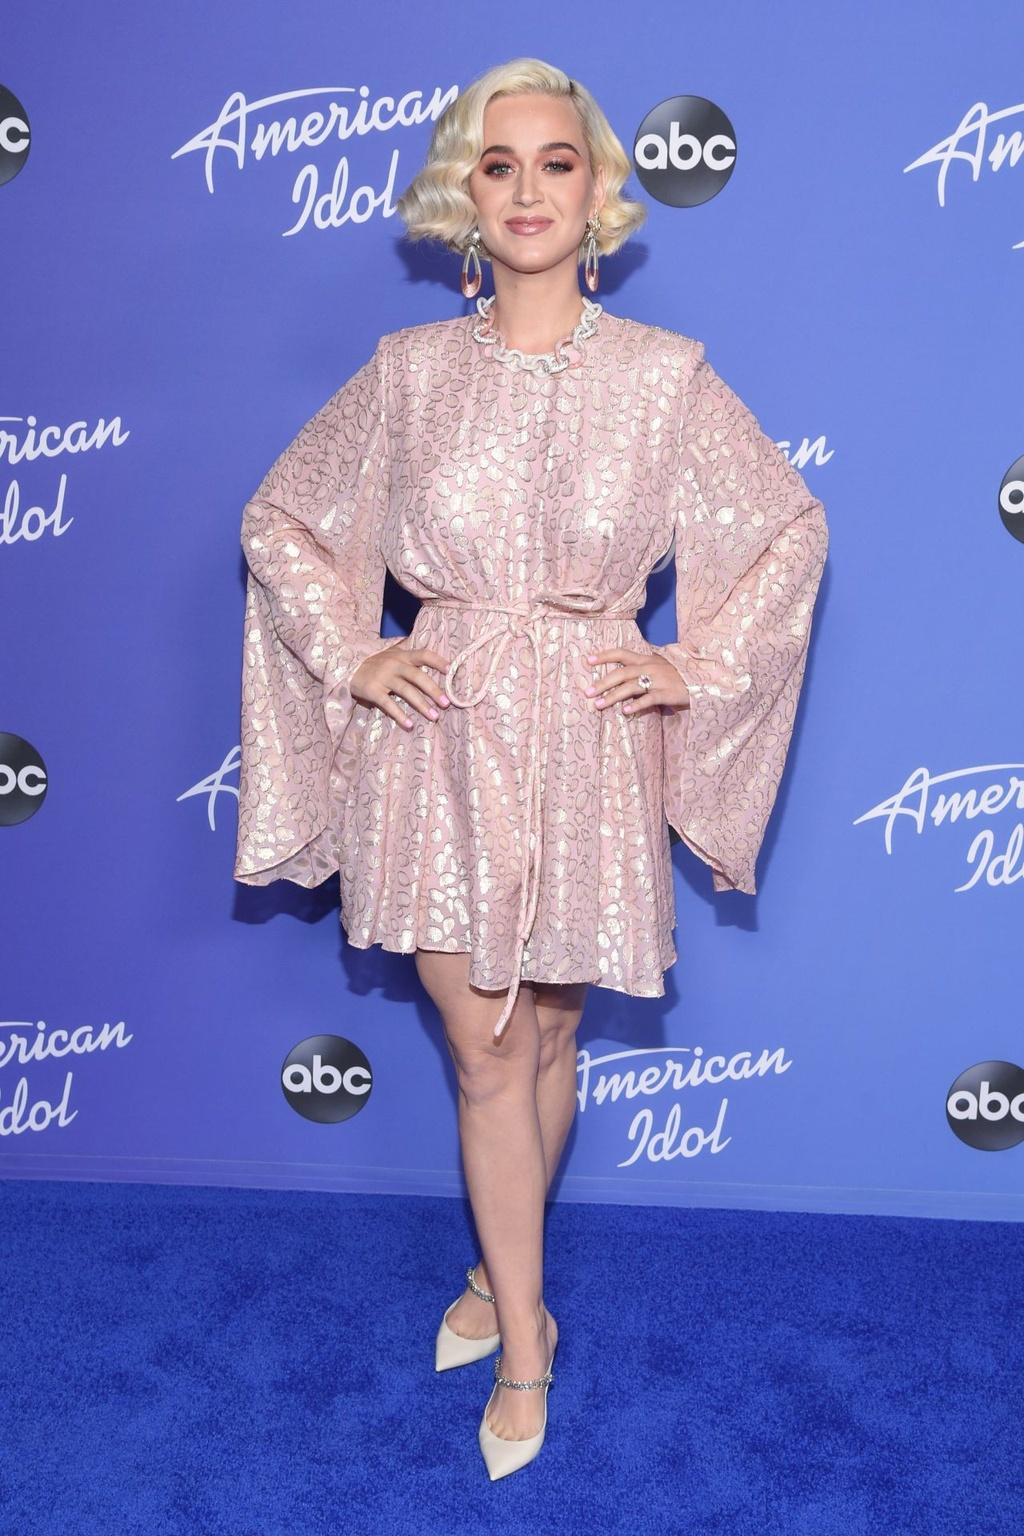 Ba bau Katy Perry da mac do the nao de che bung to? hinh anh 3 c.jpg